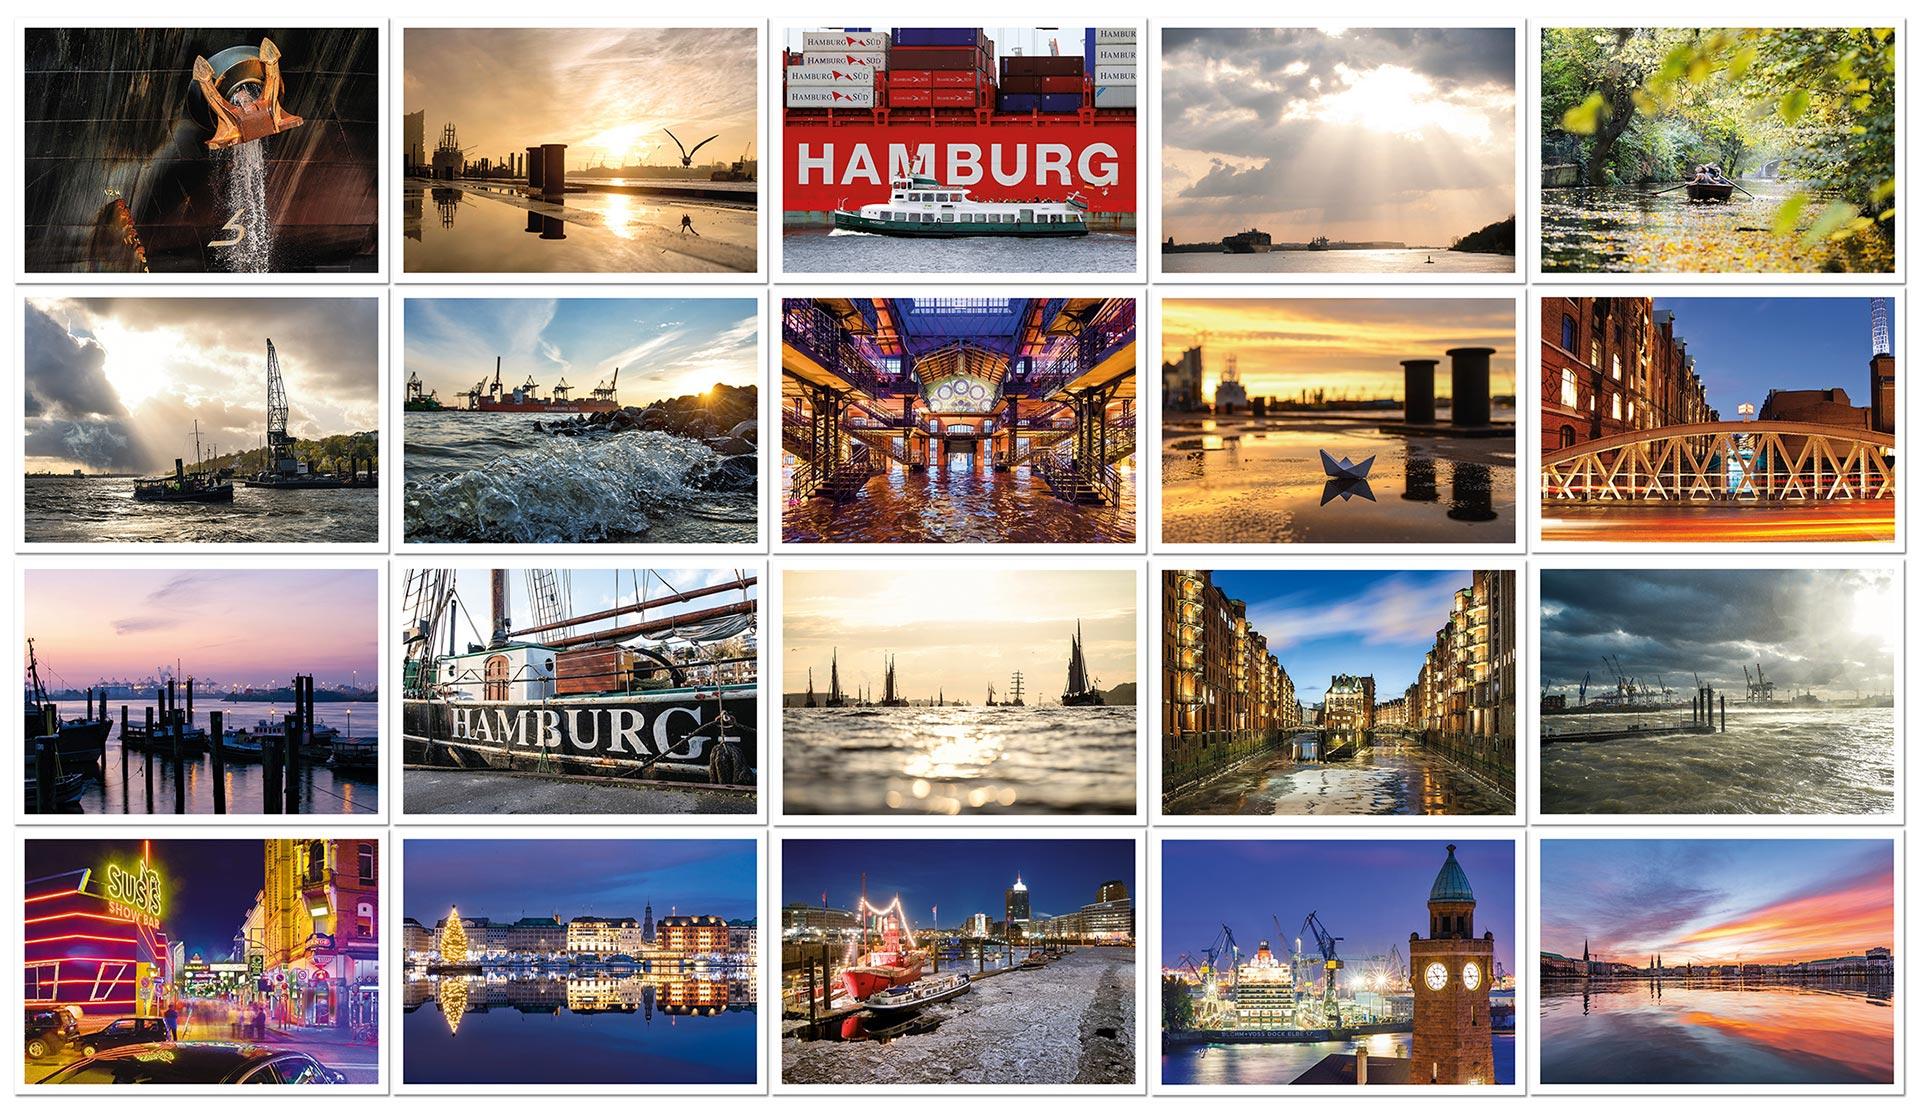 PK20-postkarten-postkartenset-hamburg-michel-undelbe